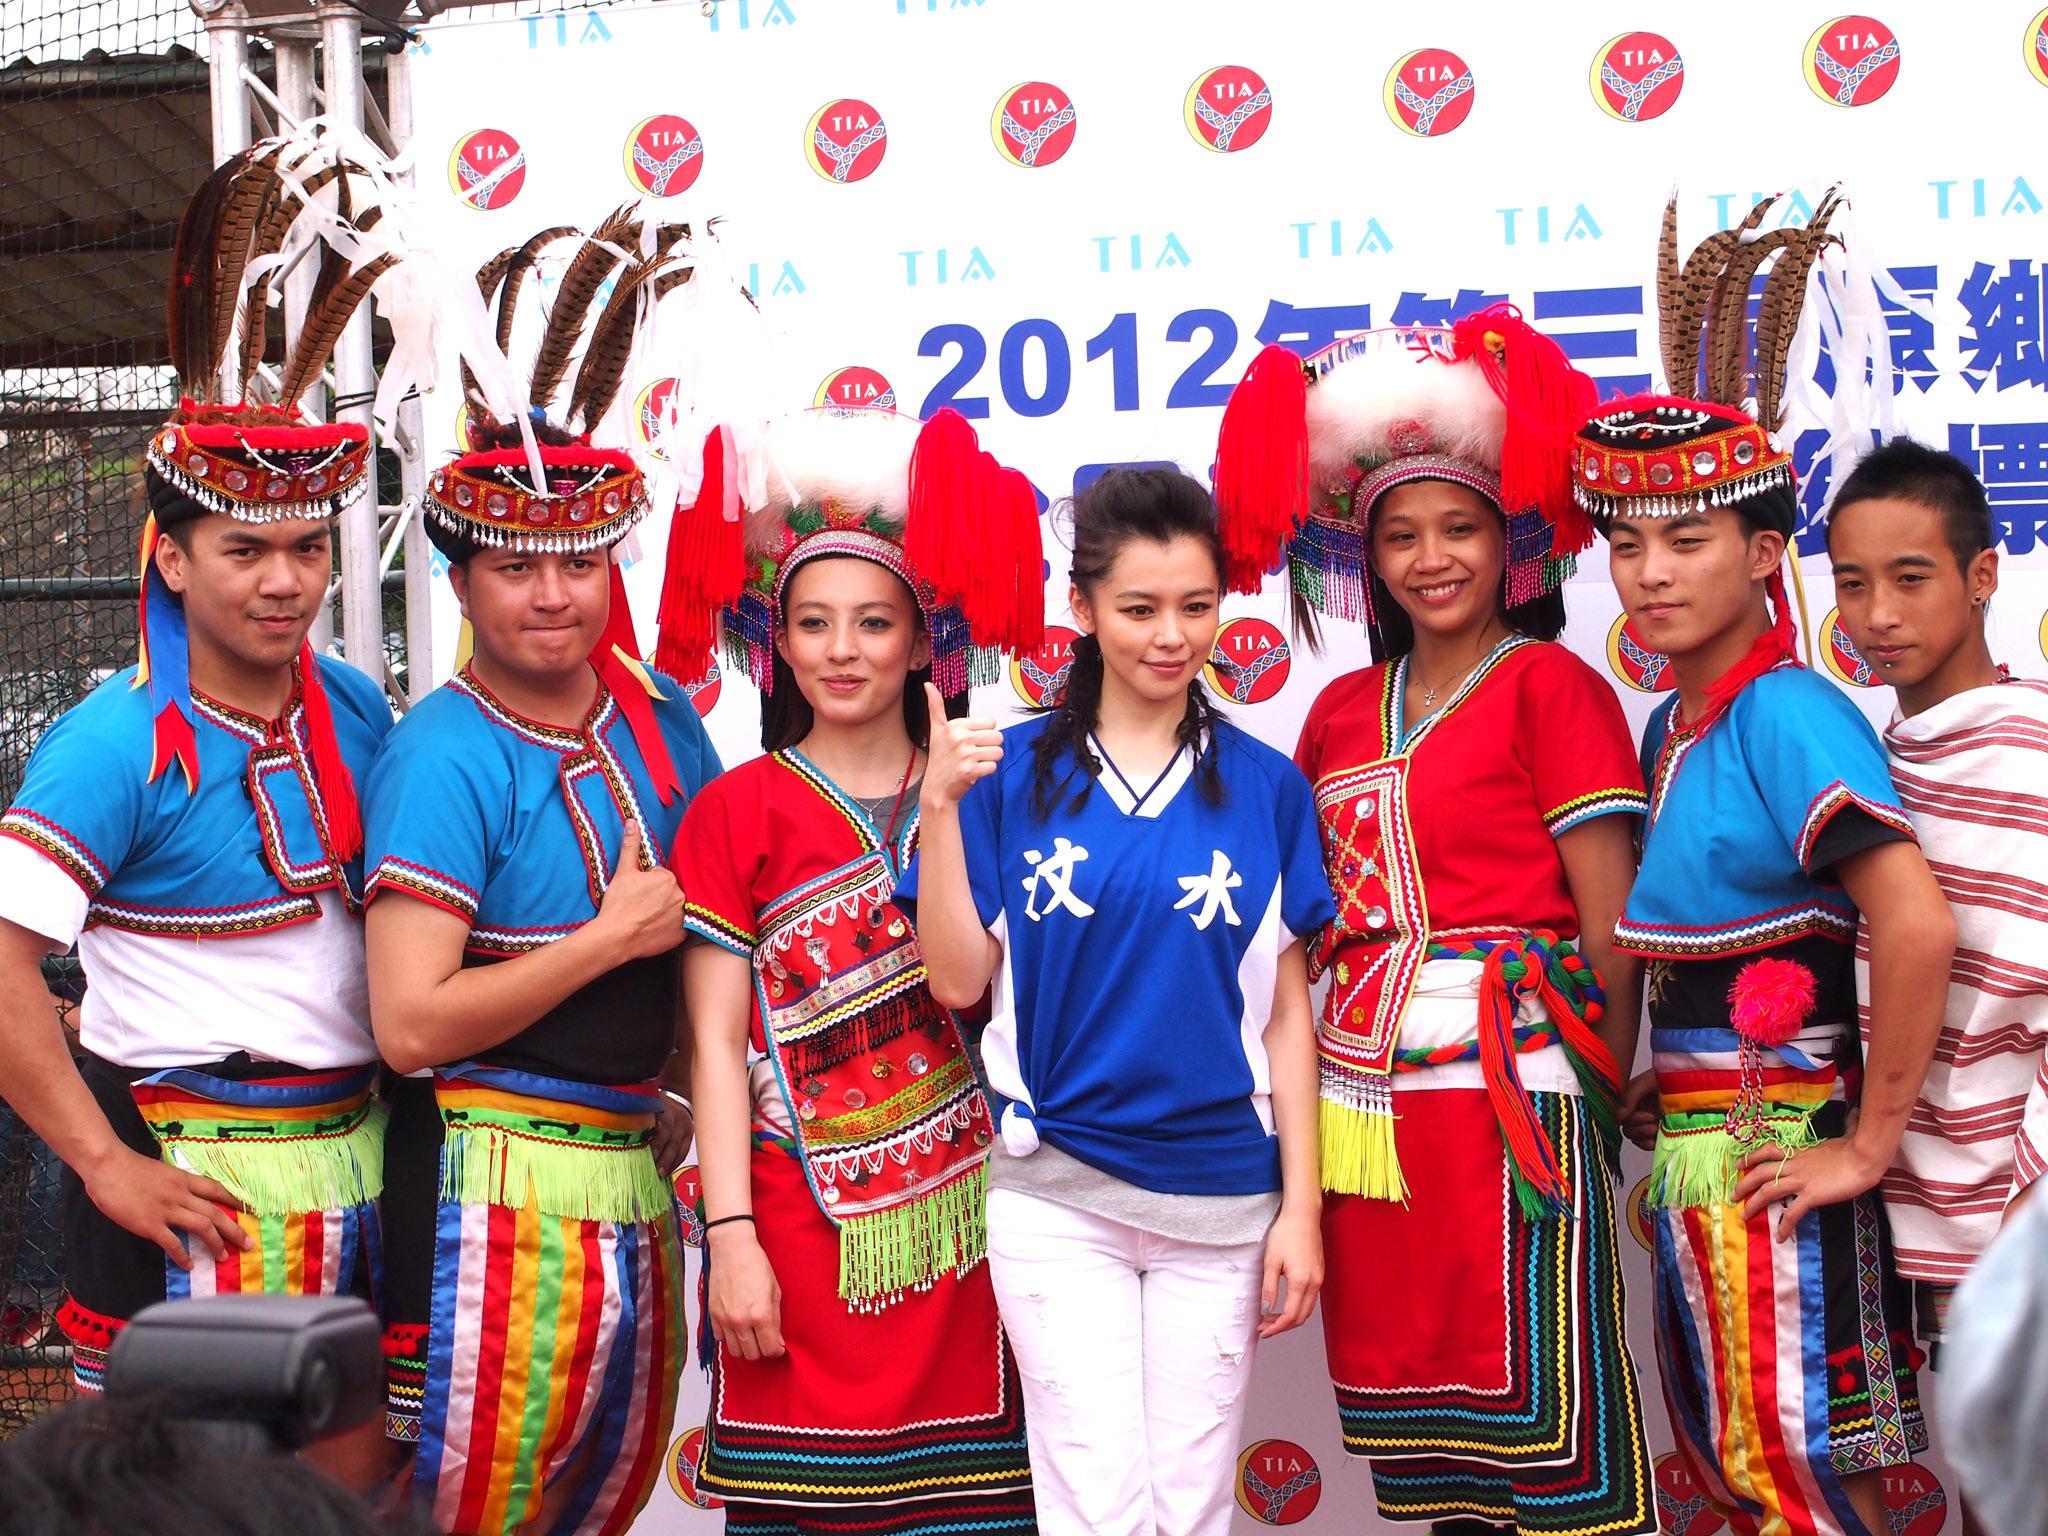 國際巨星徐若瑄再度擔任活動代言人與原住民舞者合影。